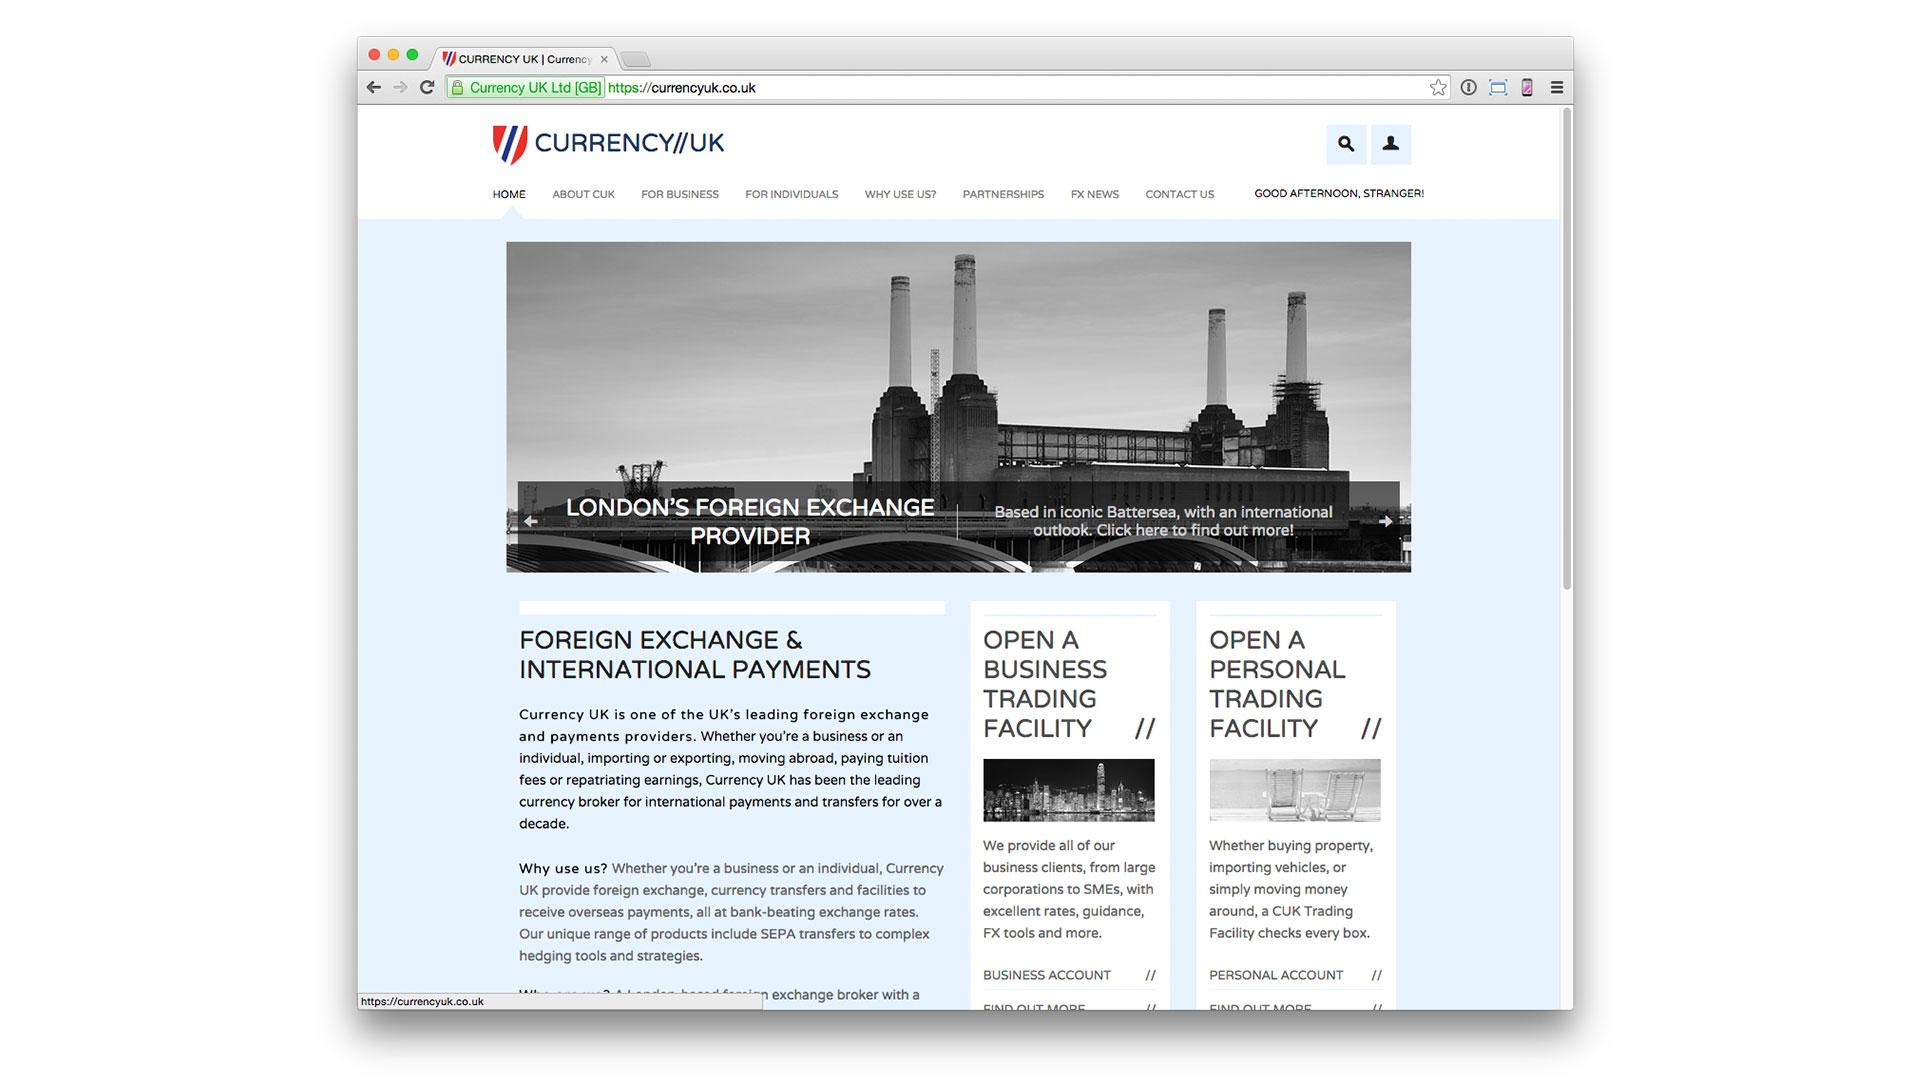 CUK_homepage1